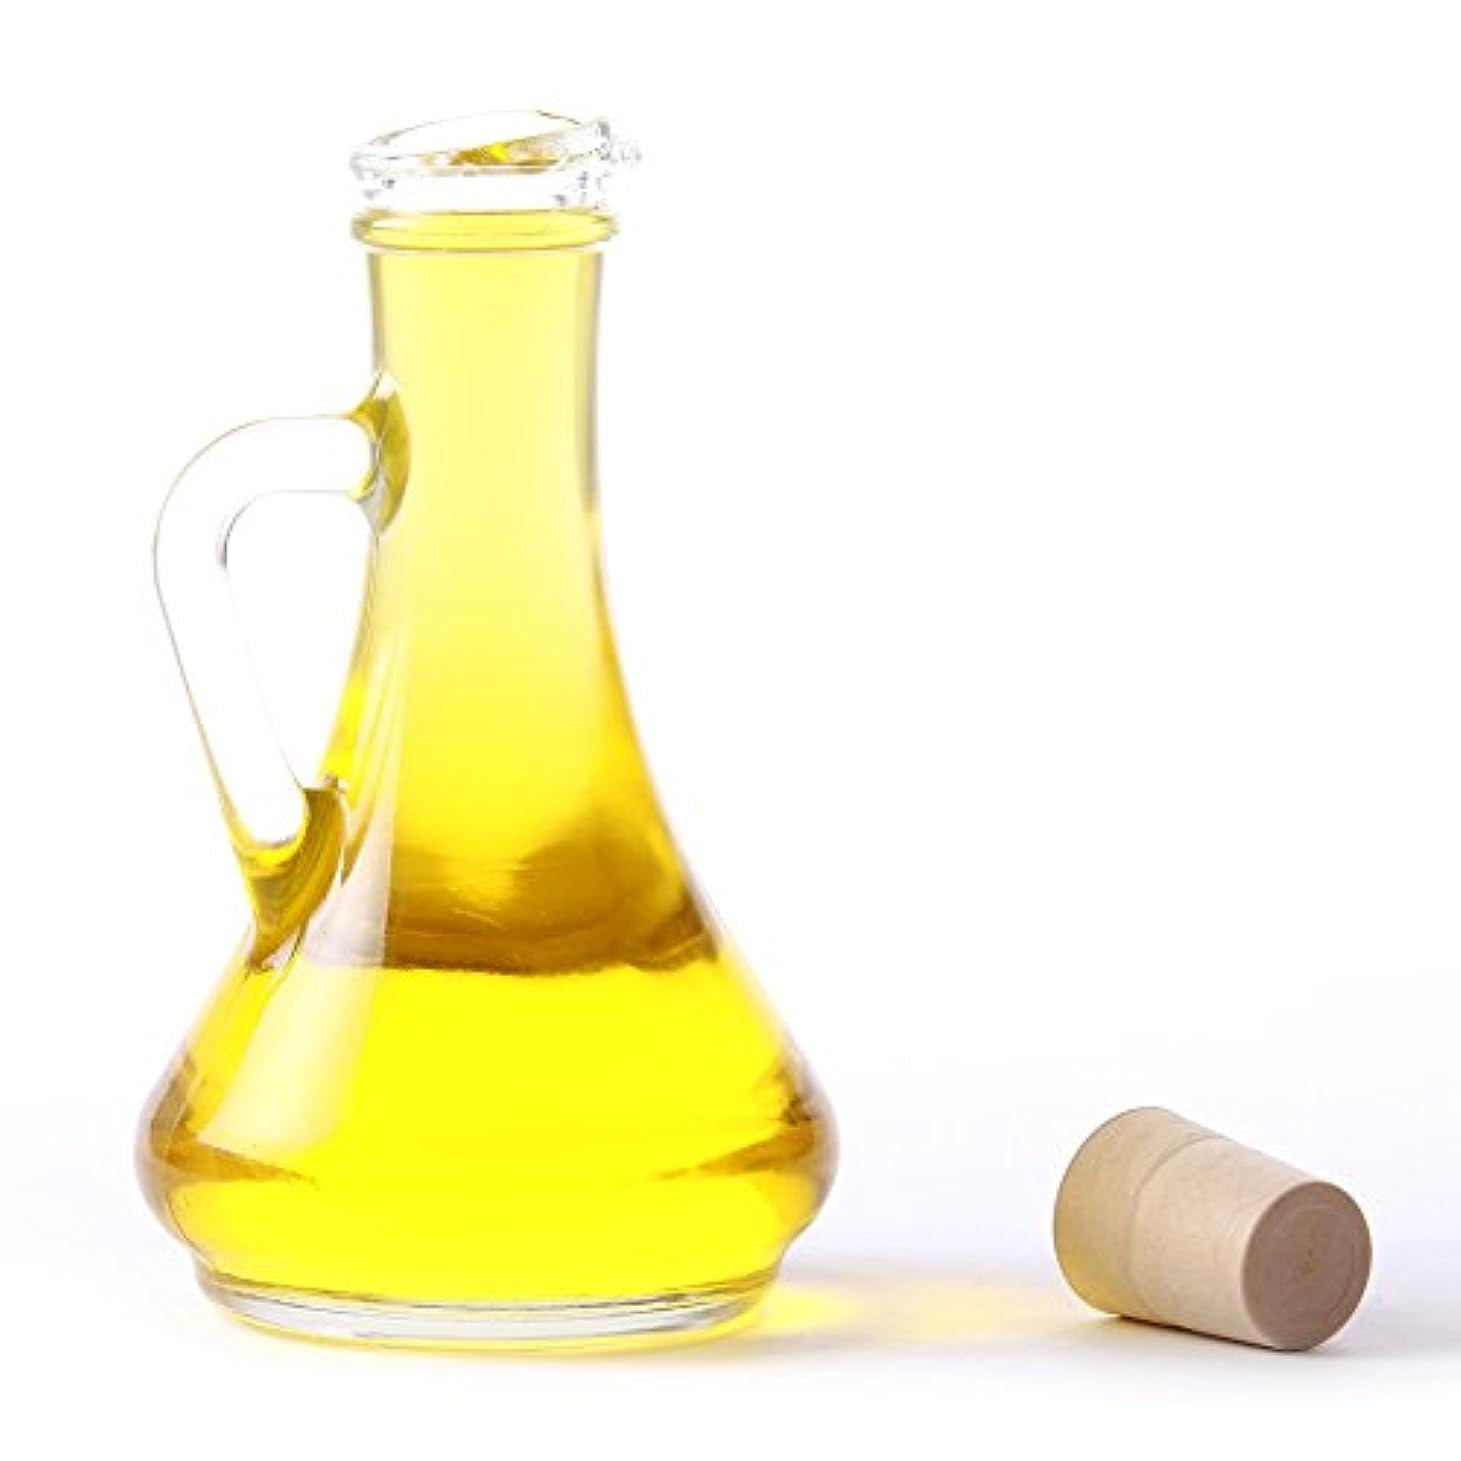 申込み慈善歴史家Mystic Moments | Evening Primrose Virgin Organic Carrier Oil - 5 Litre - 100% Pure